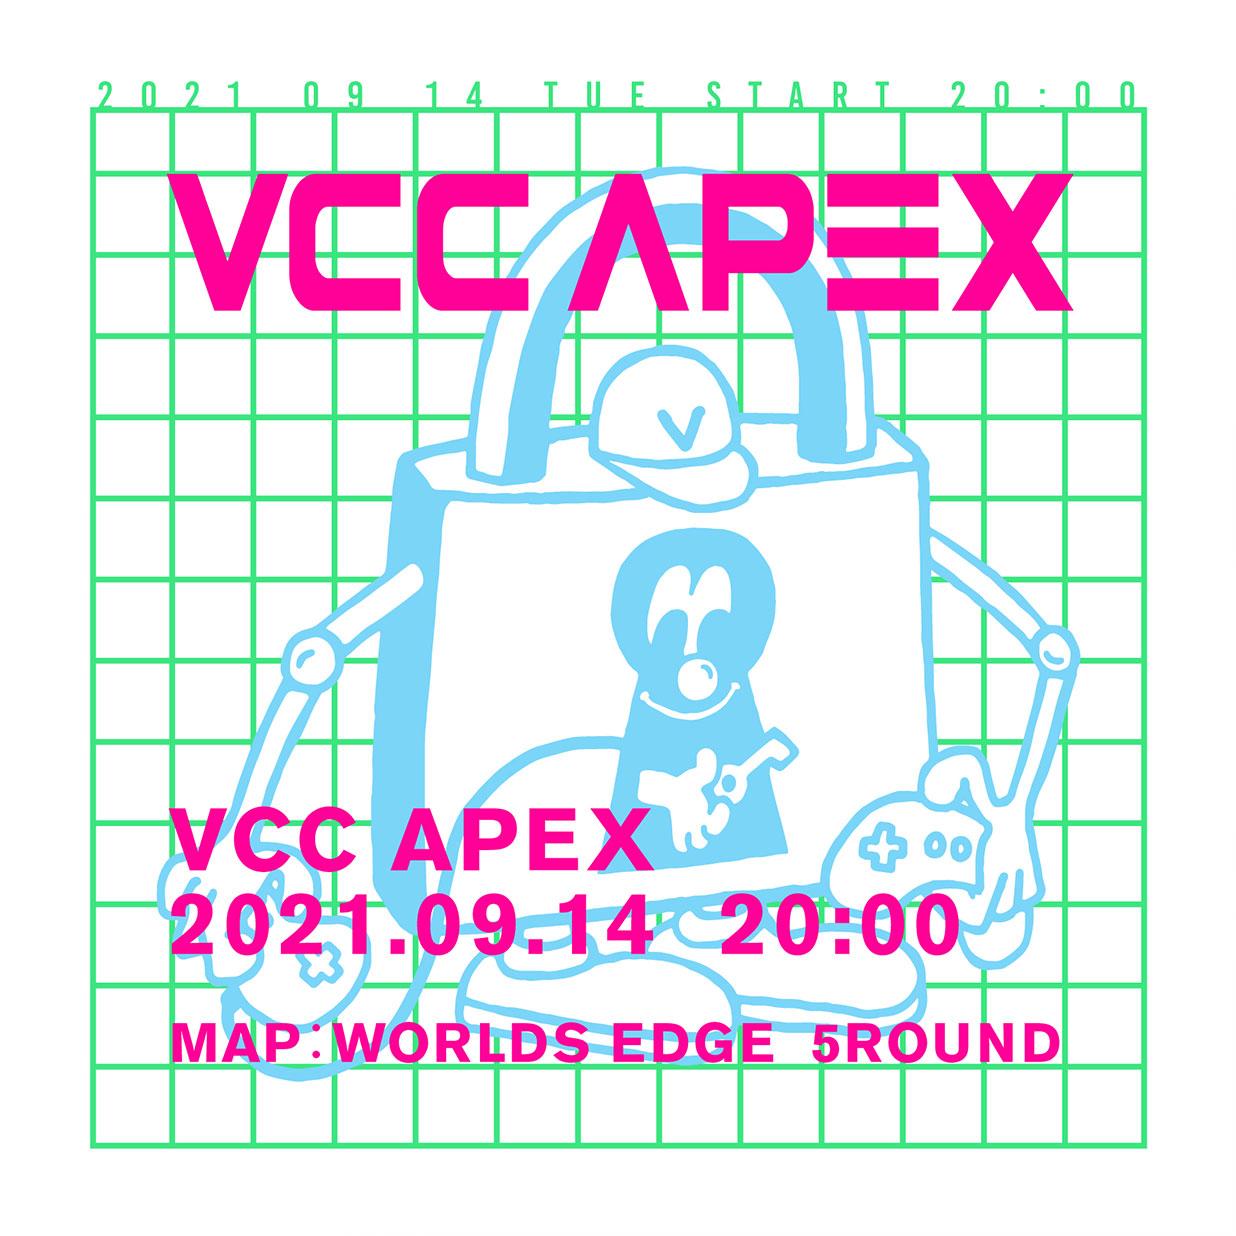 2021年9月に開催された、〈VCC APEX〉のフライヤー。